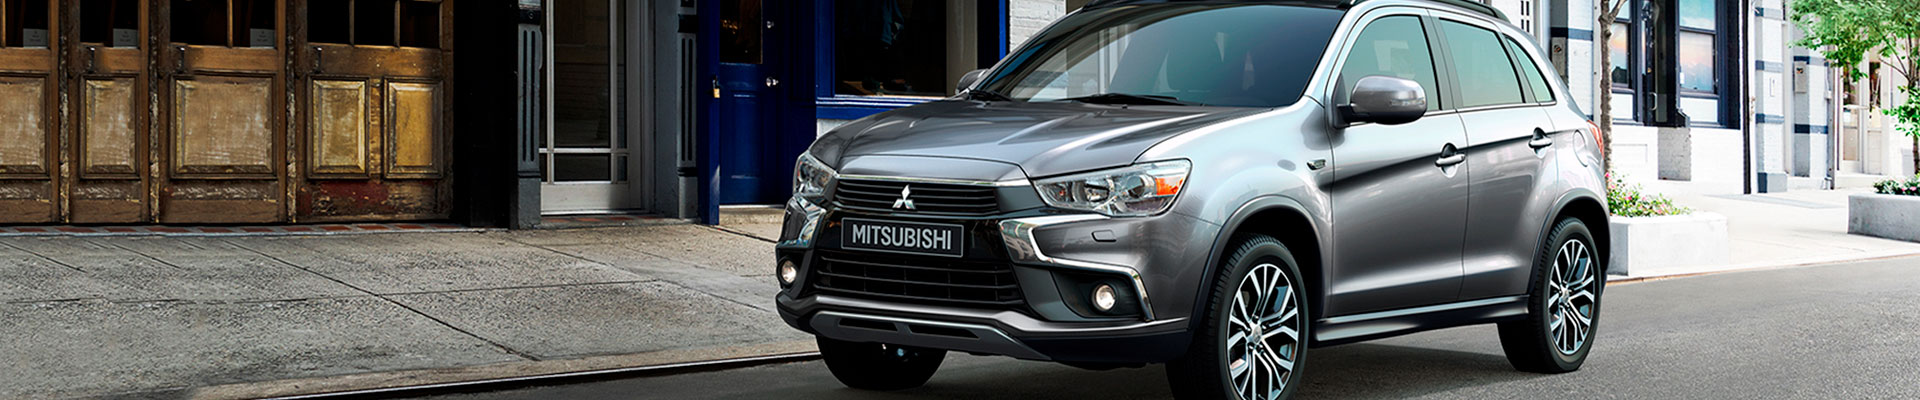 Biondo Motor, Concesionario Oficial Mitsubishi Motors en Vitoria  (Álava)